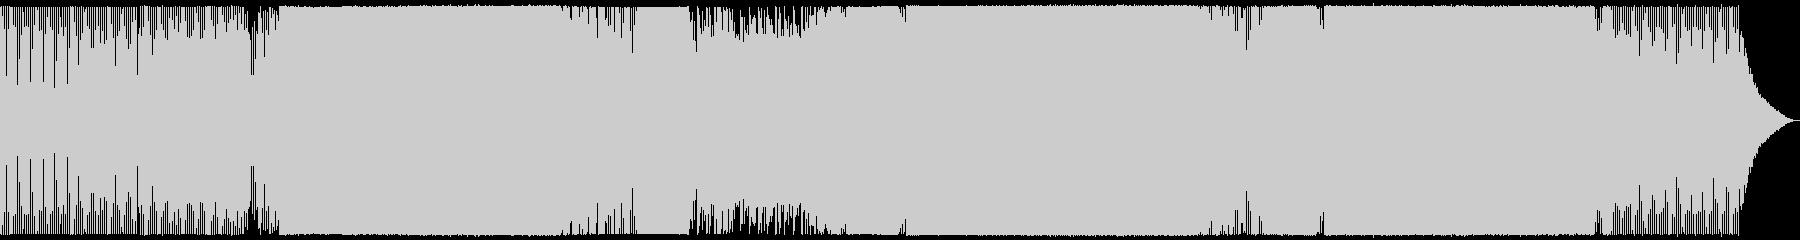 クラブ/トランス/アップリフティングの未再生の波形